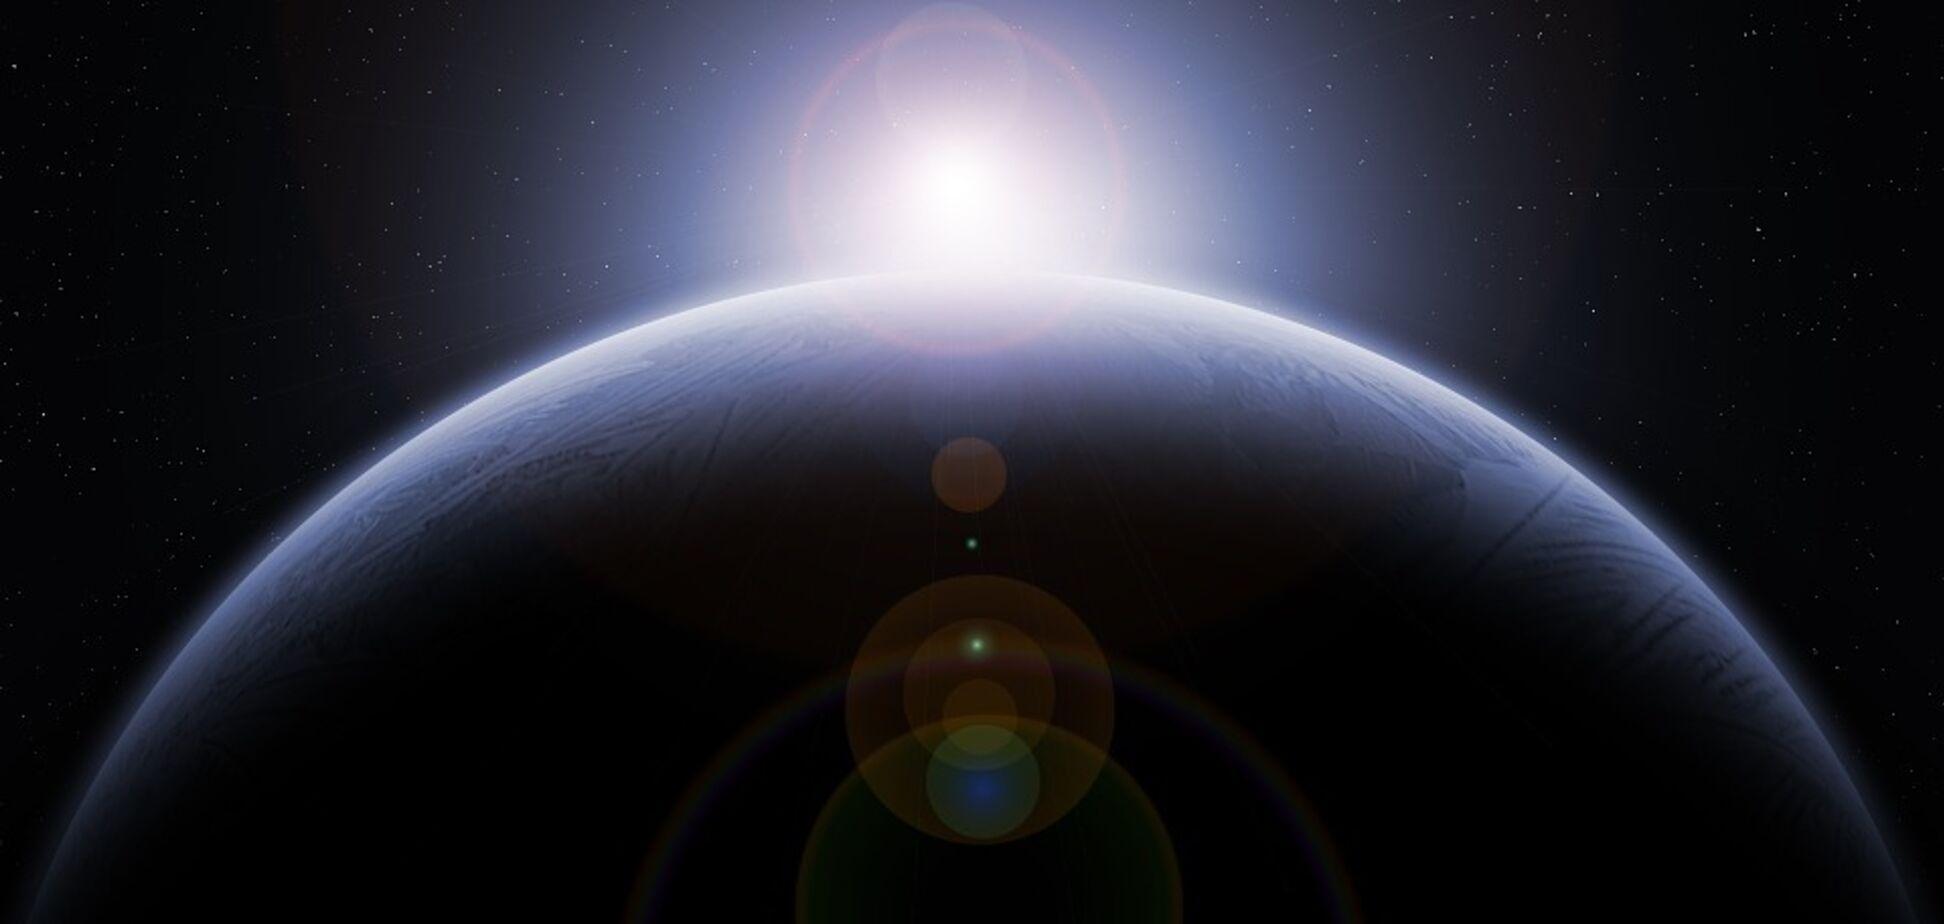 На Земле произойдет резкое падение уровня кислорода